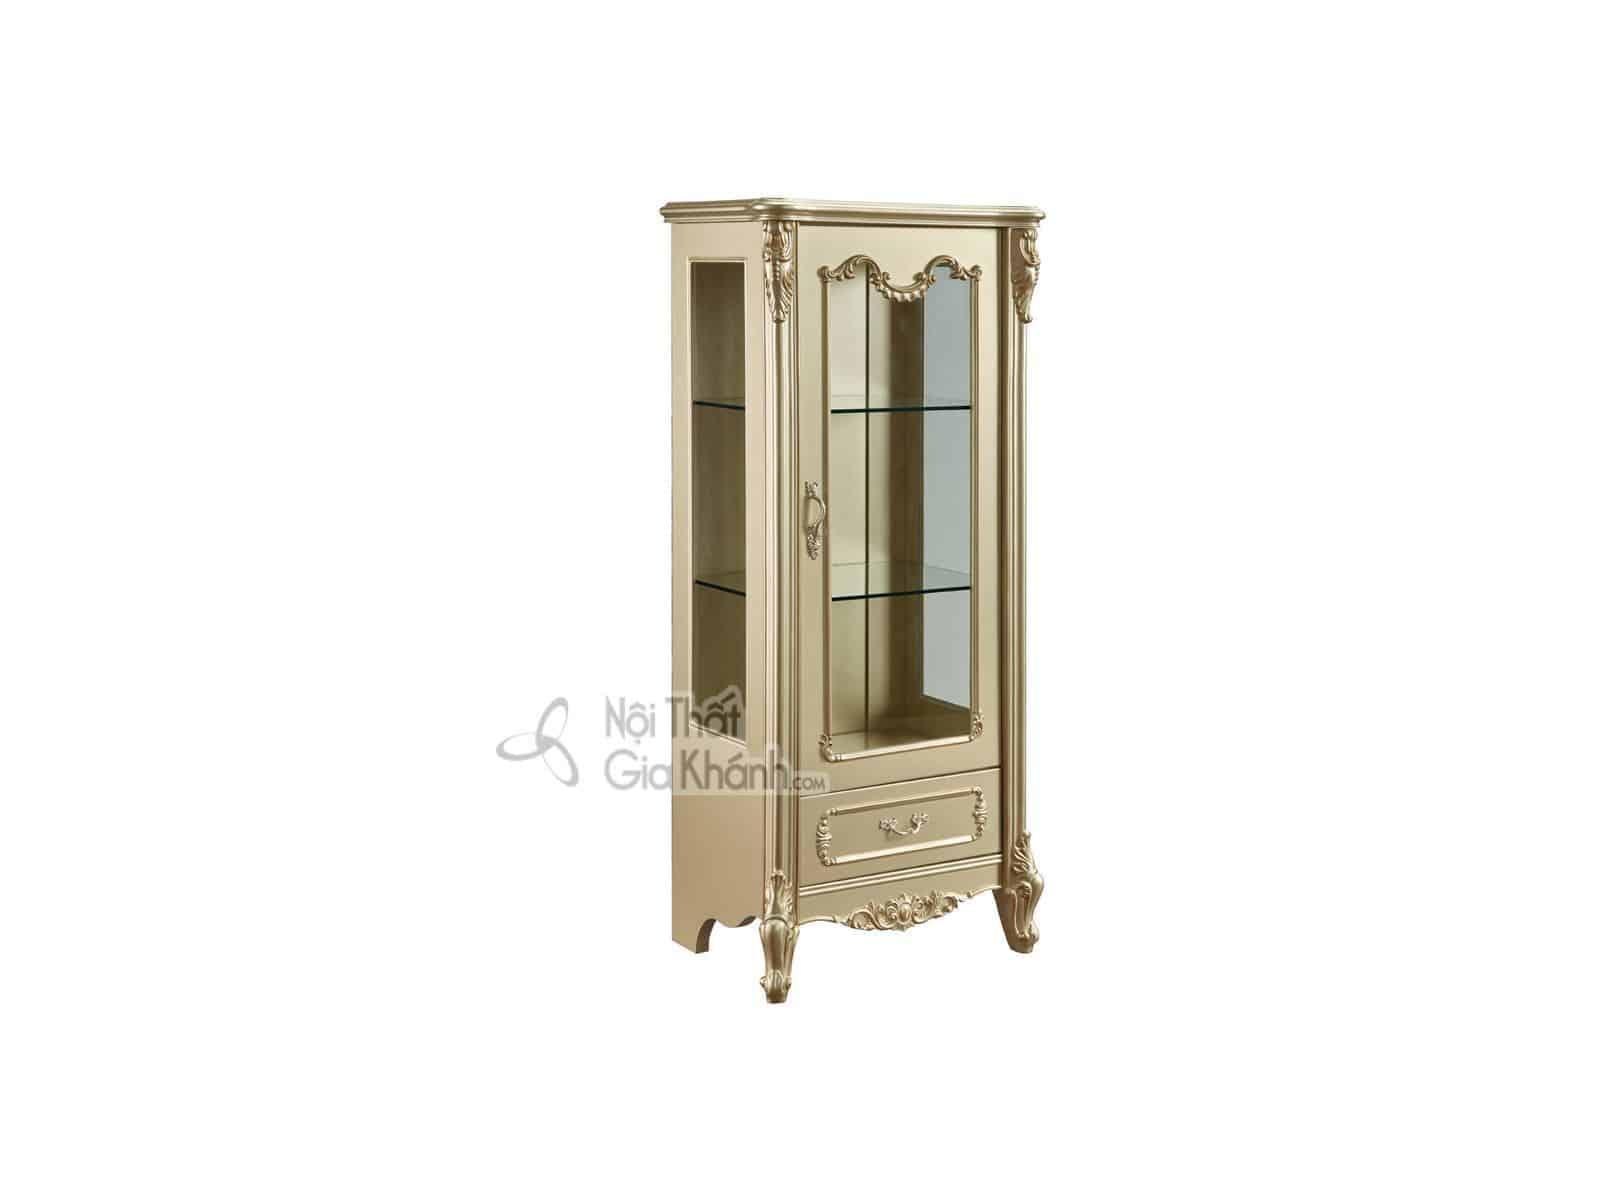 Tủ rượu gỗ 1 cánh trưng bày phòng khách TR8801A-1 (Mẫu mới nhất)